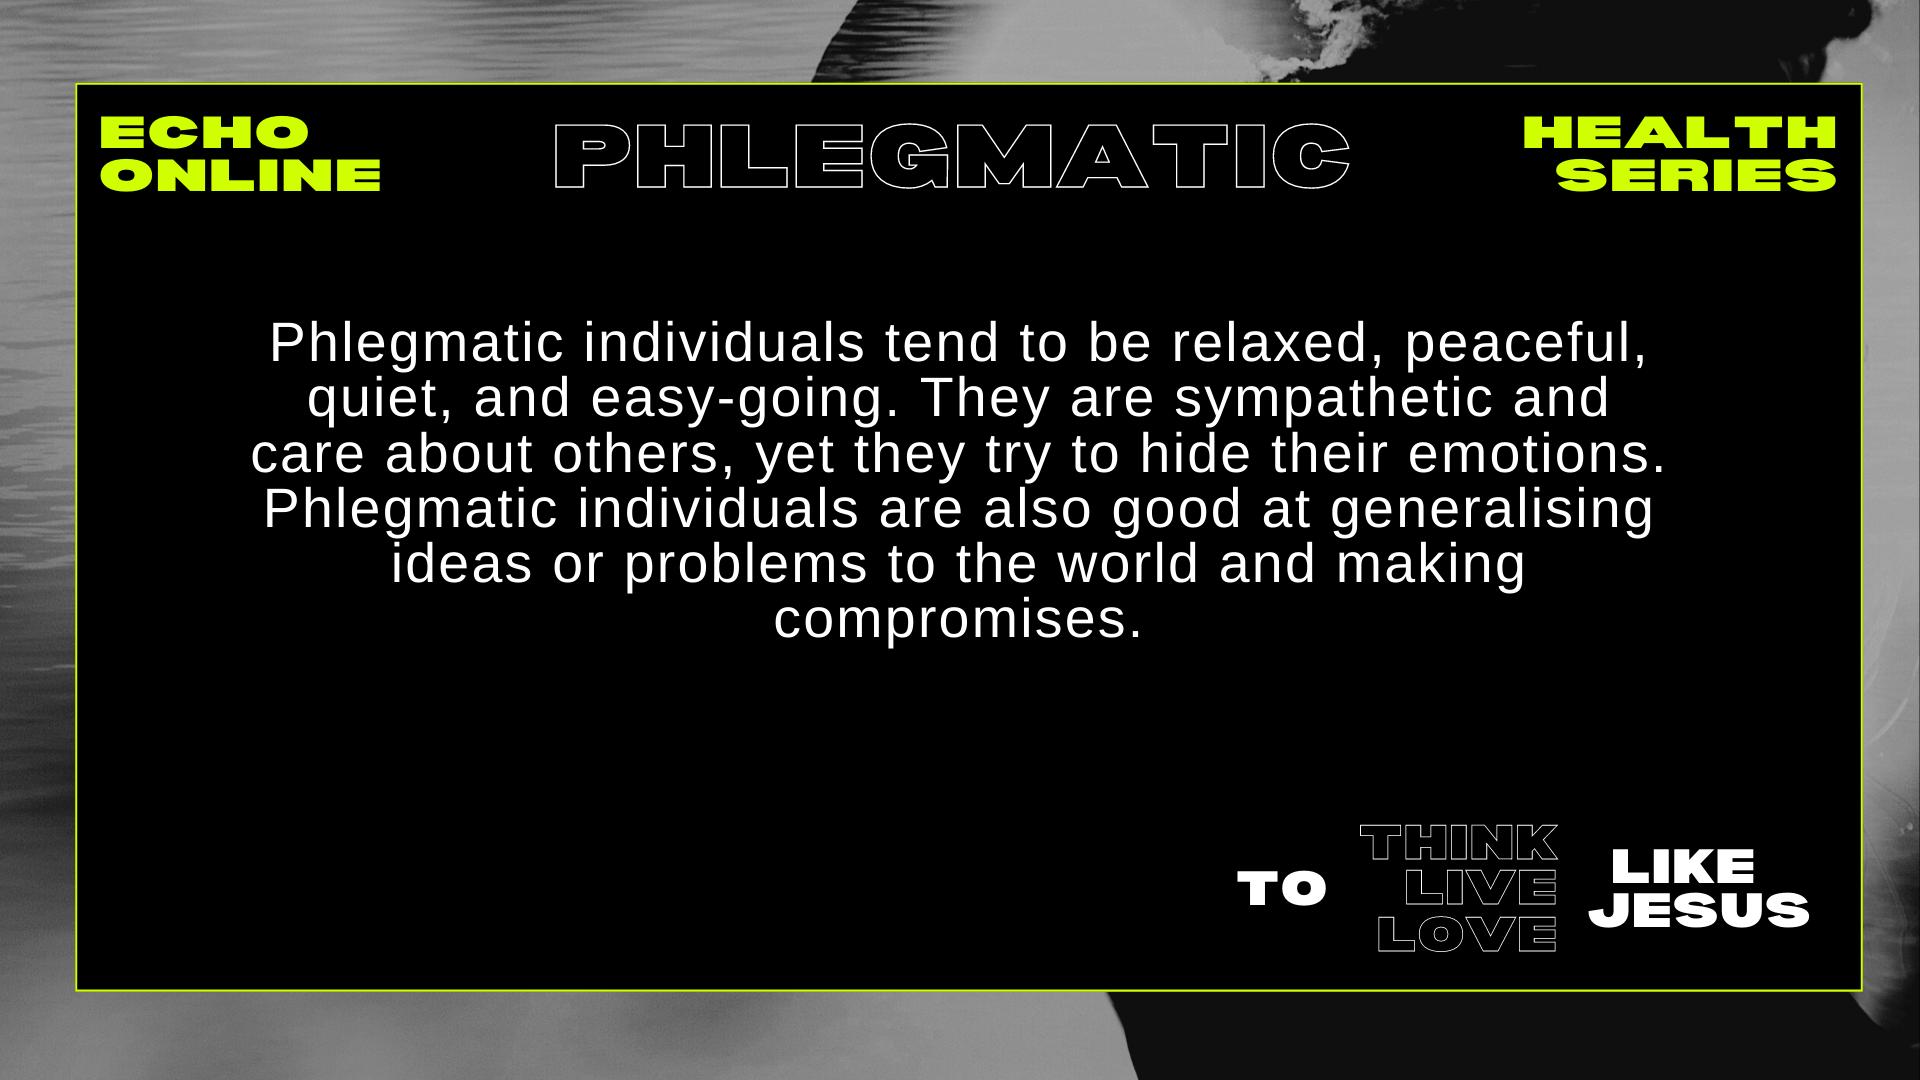 PHLEGMATIC